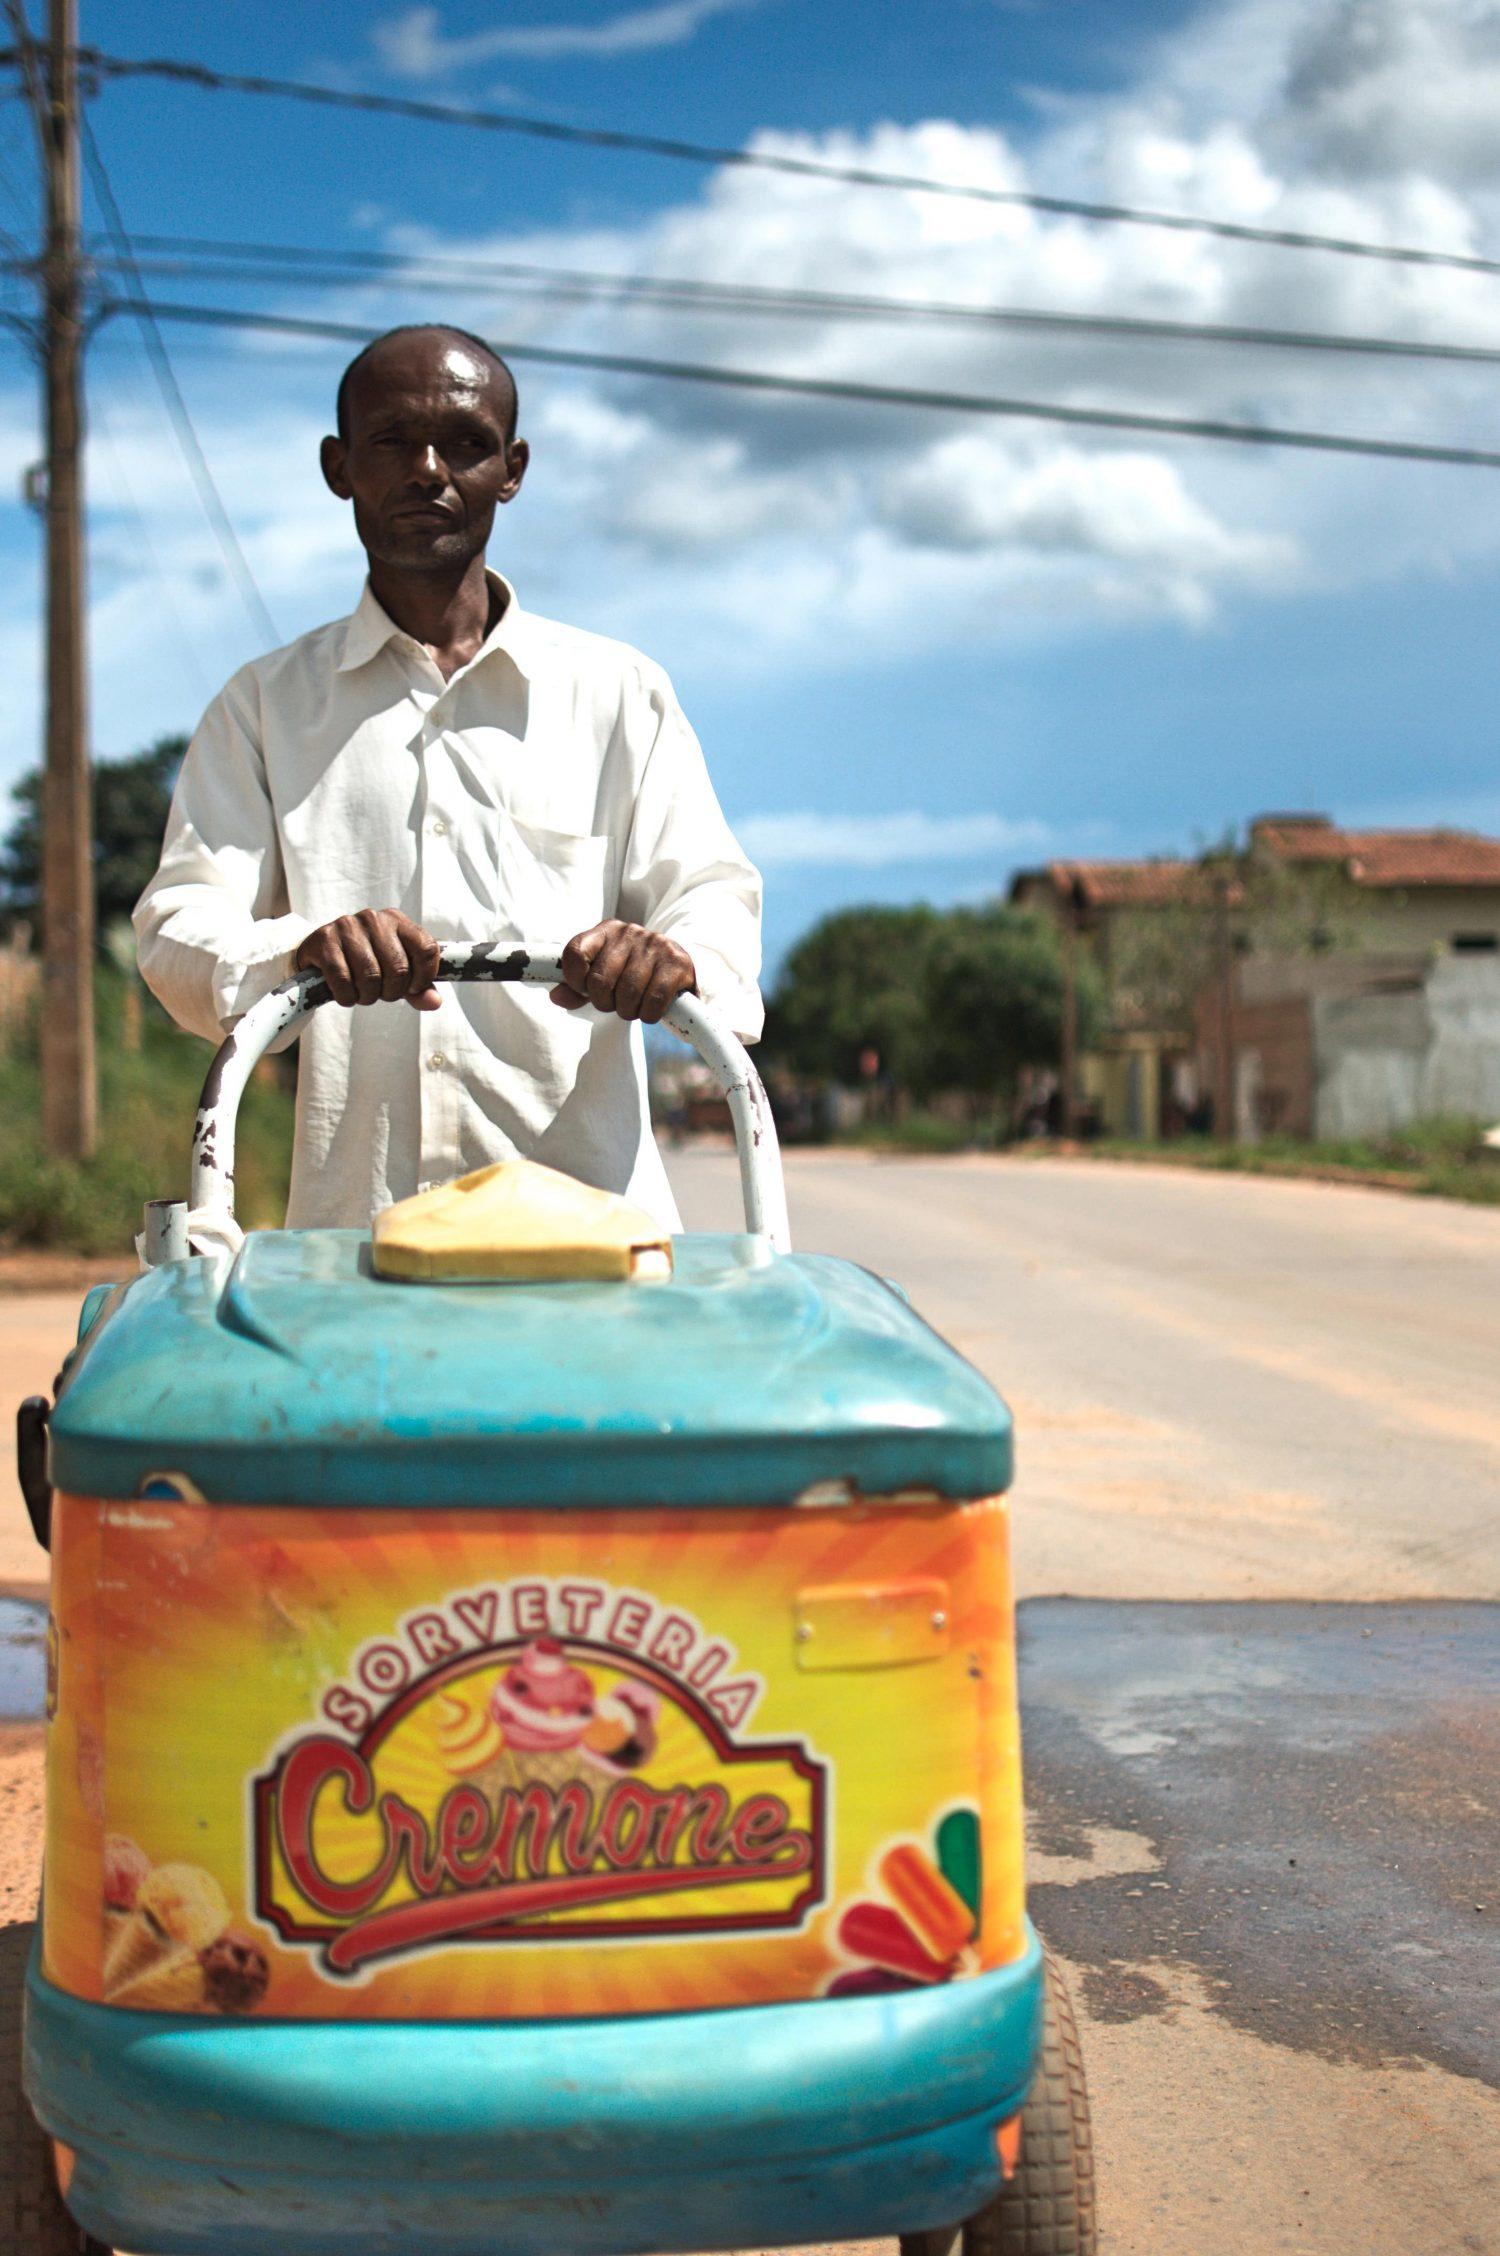 Ernesto José de Souza chegou à cidade na esperança de melhores oportunidades de trabalho na lavoura, mas hoje vende picolés (Foto Flávia Milhorance)